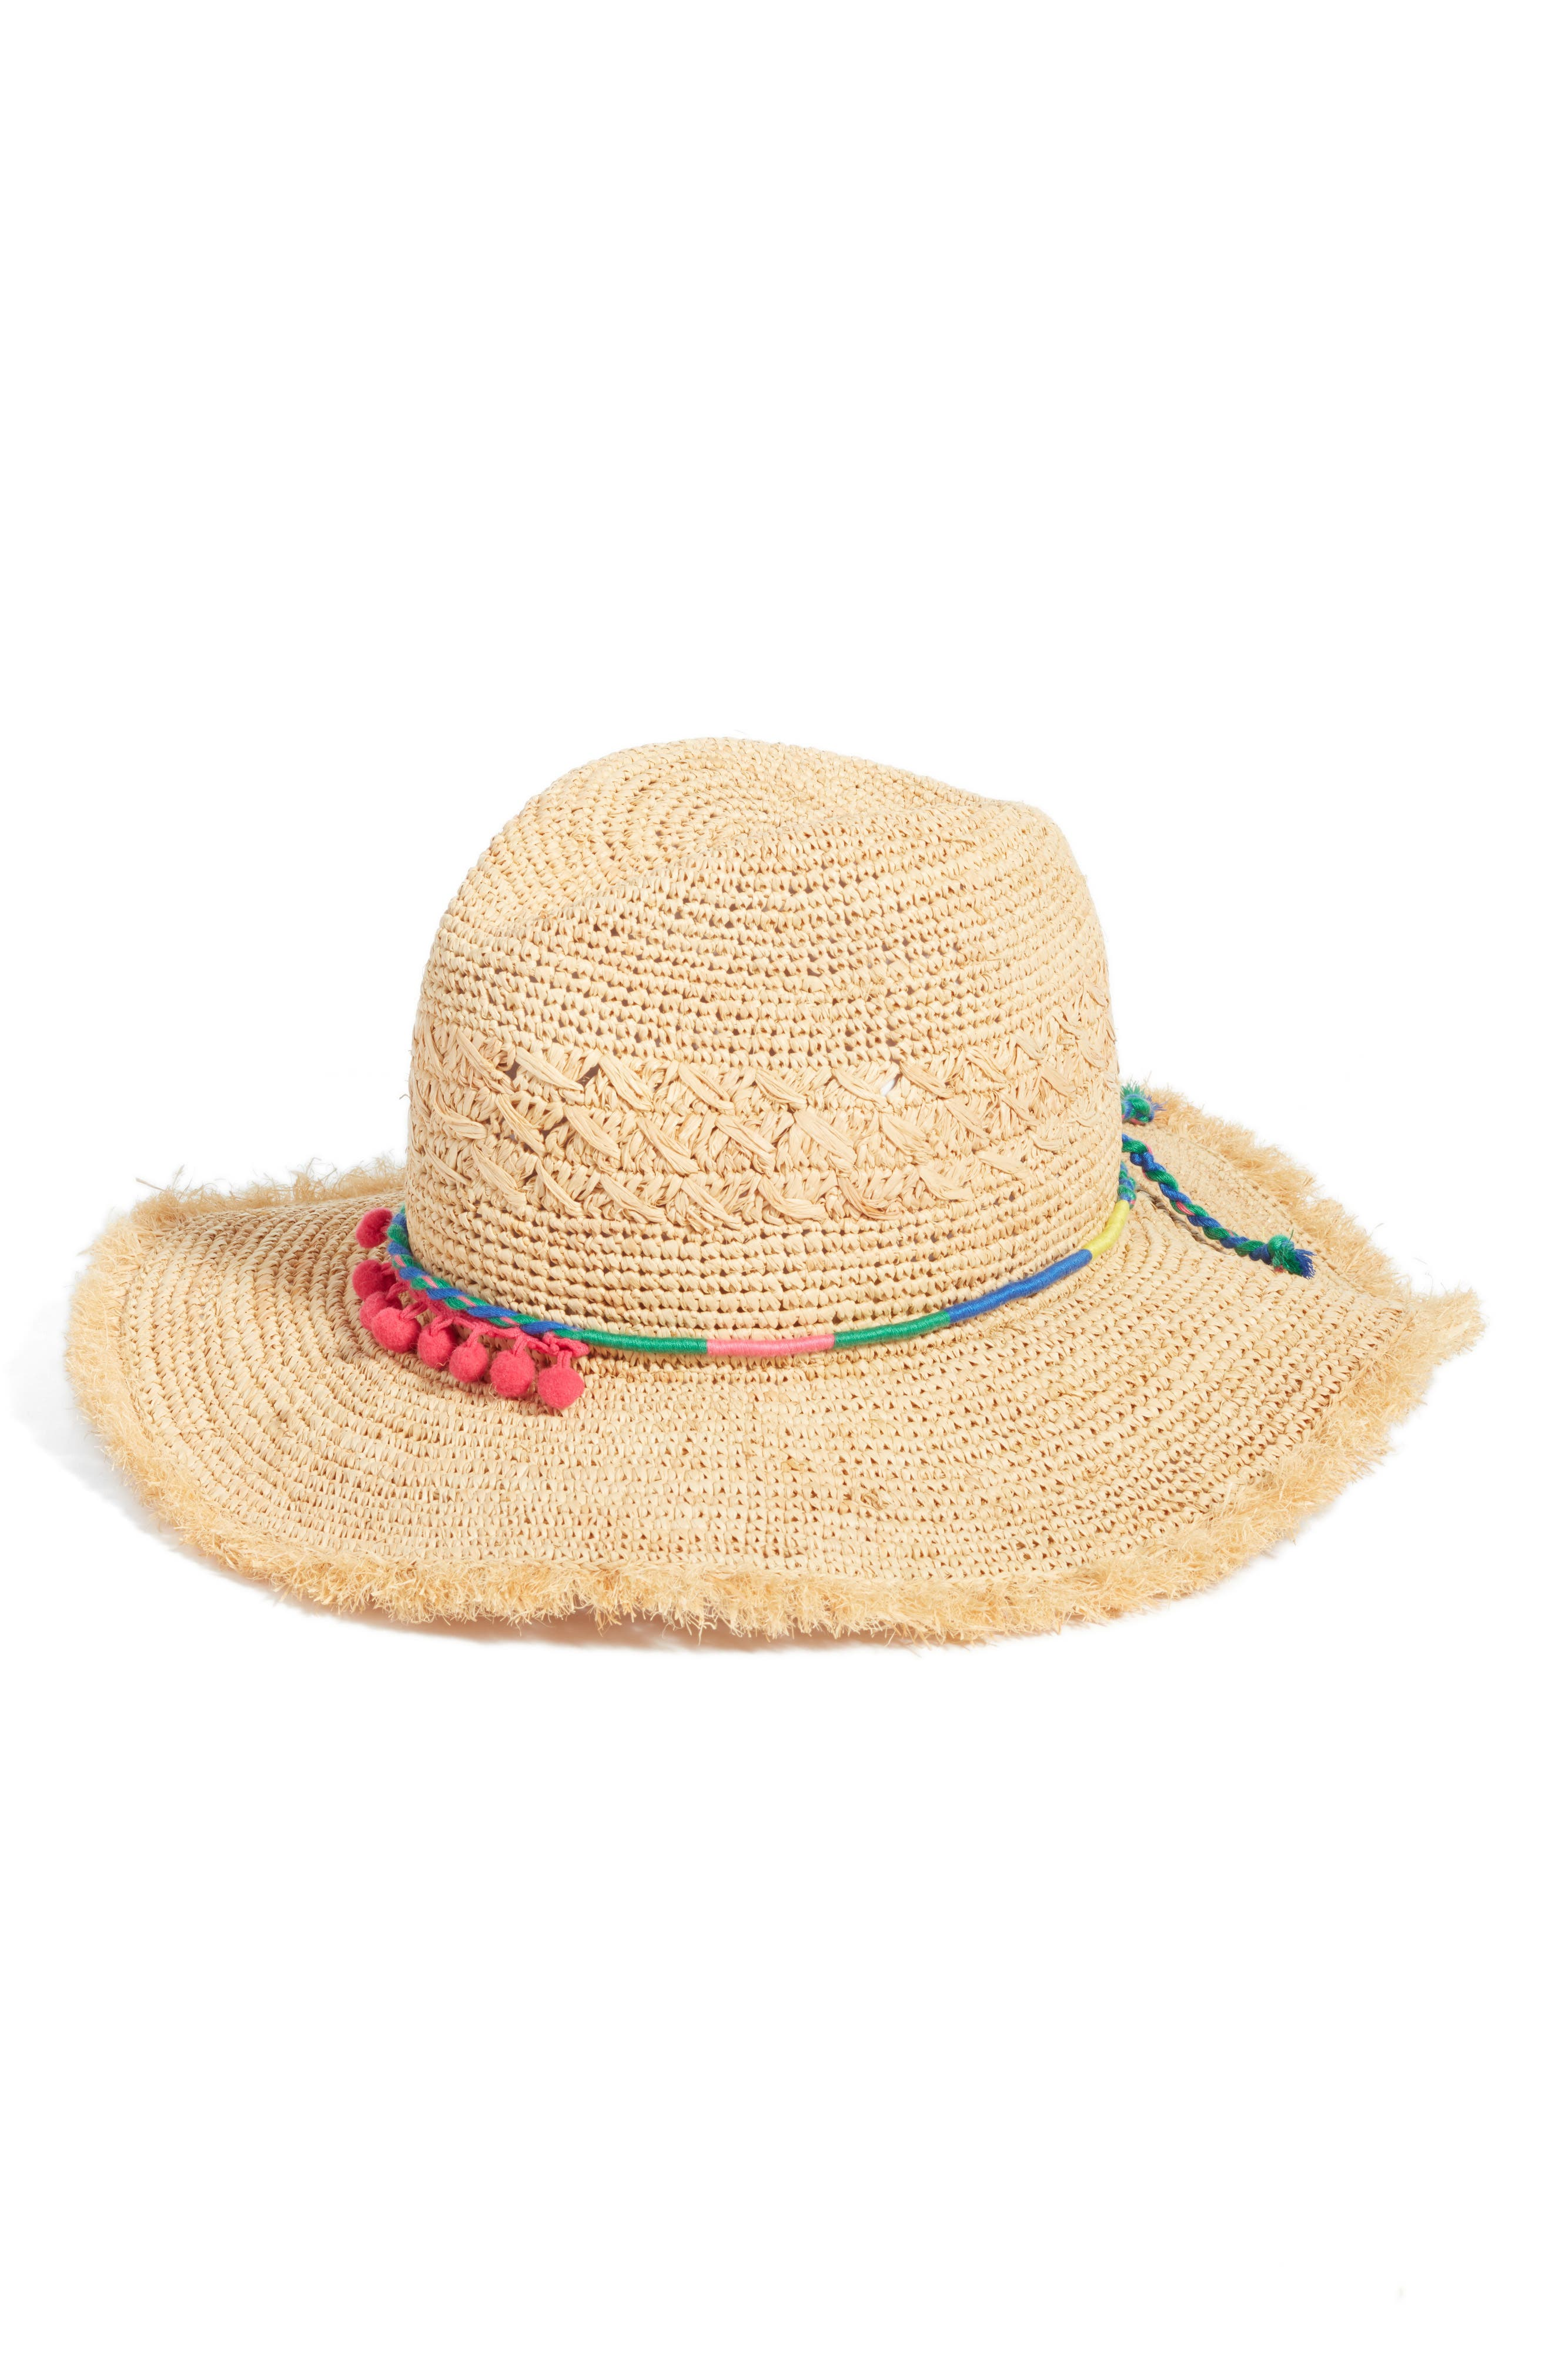 Caslon® Packable Raffia Panama Hat